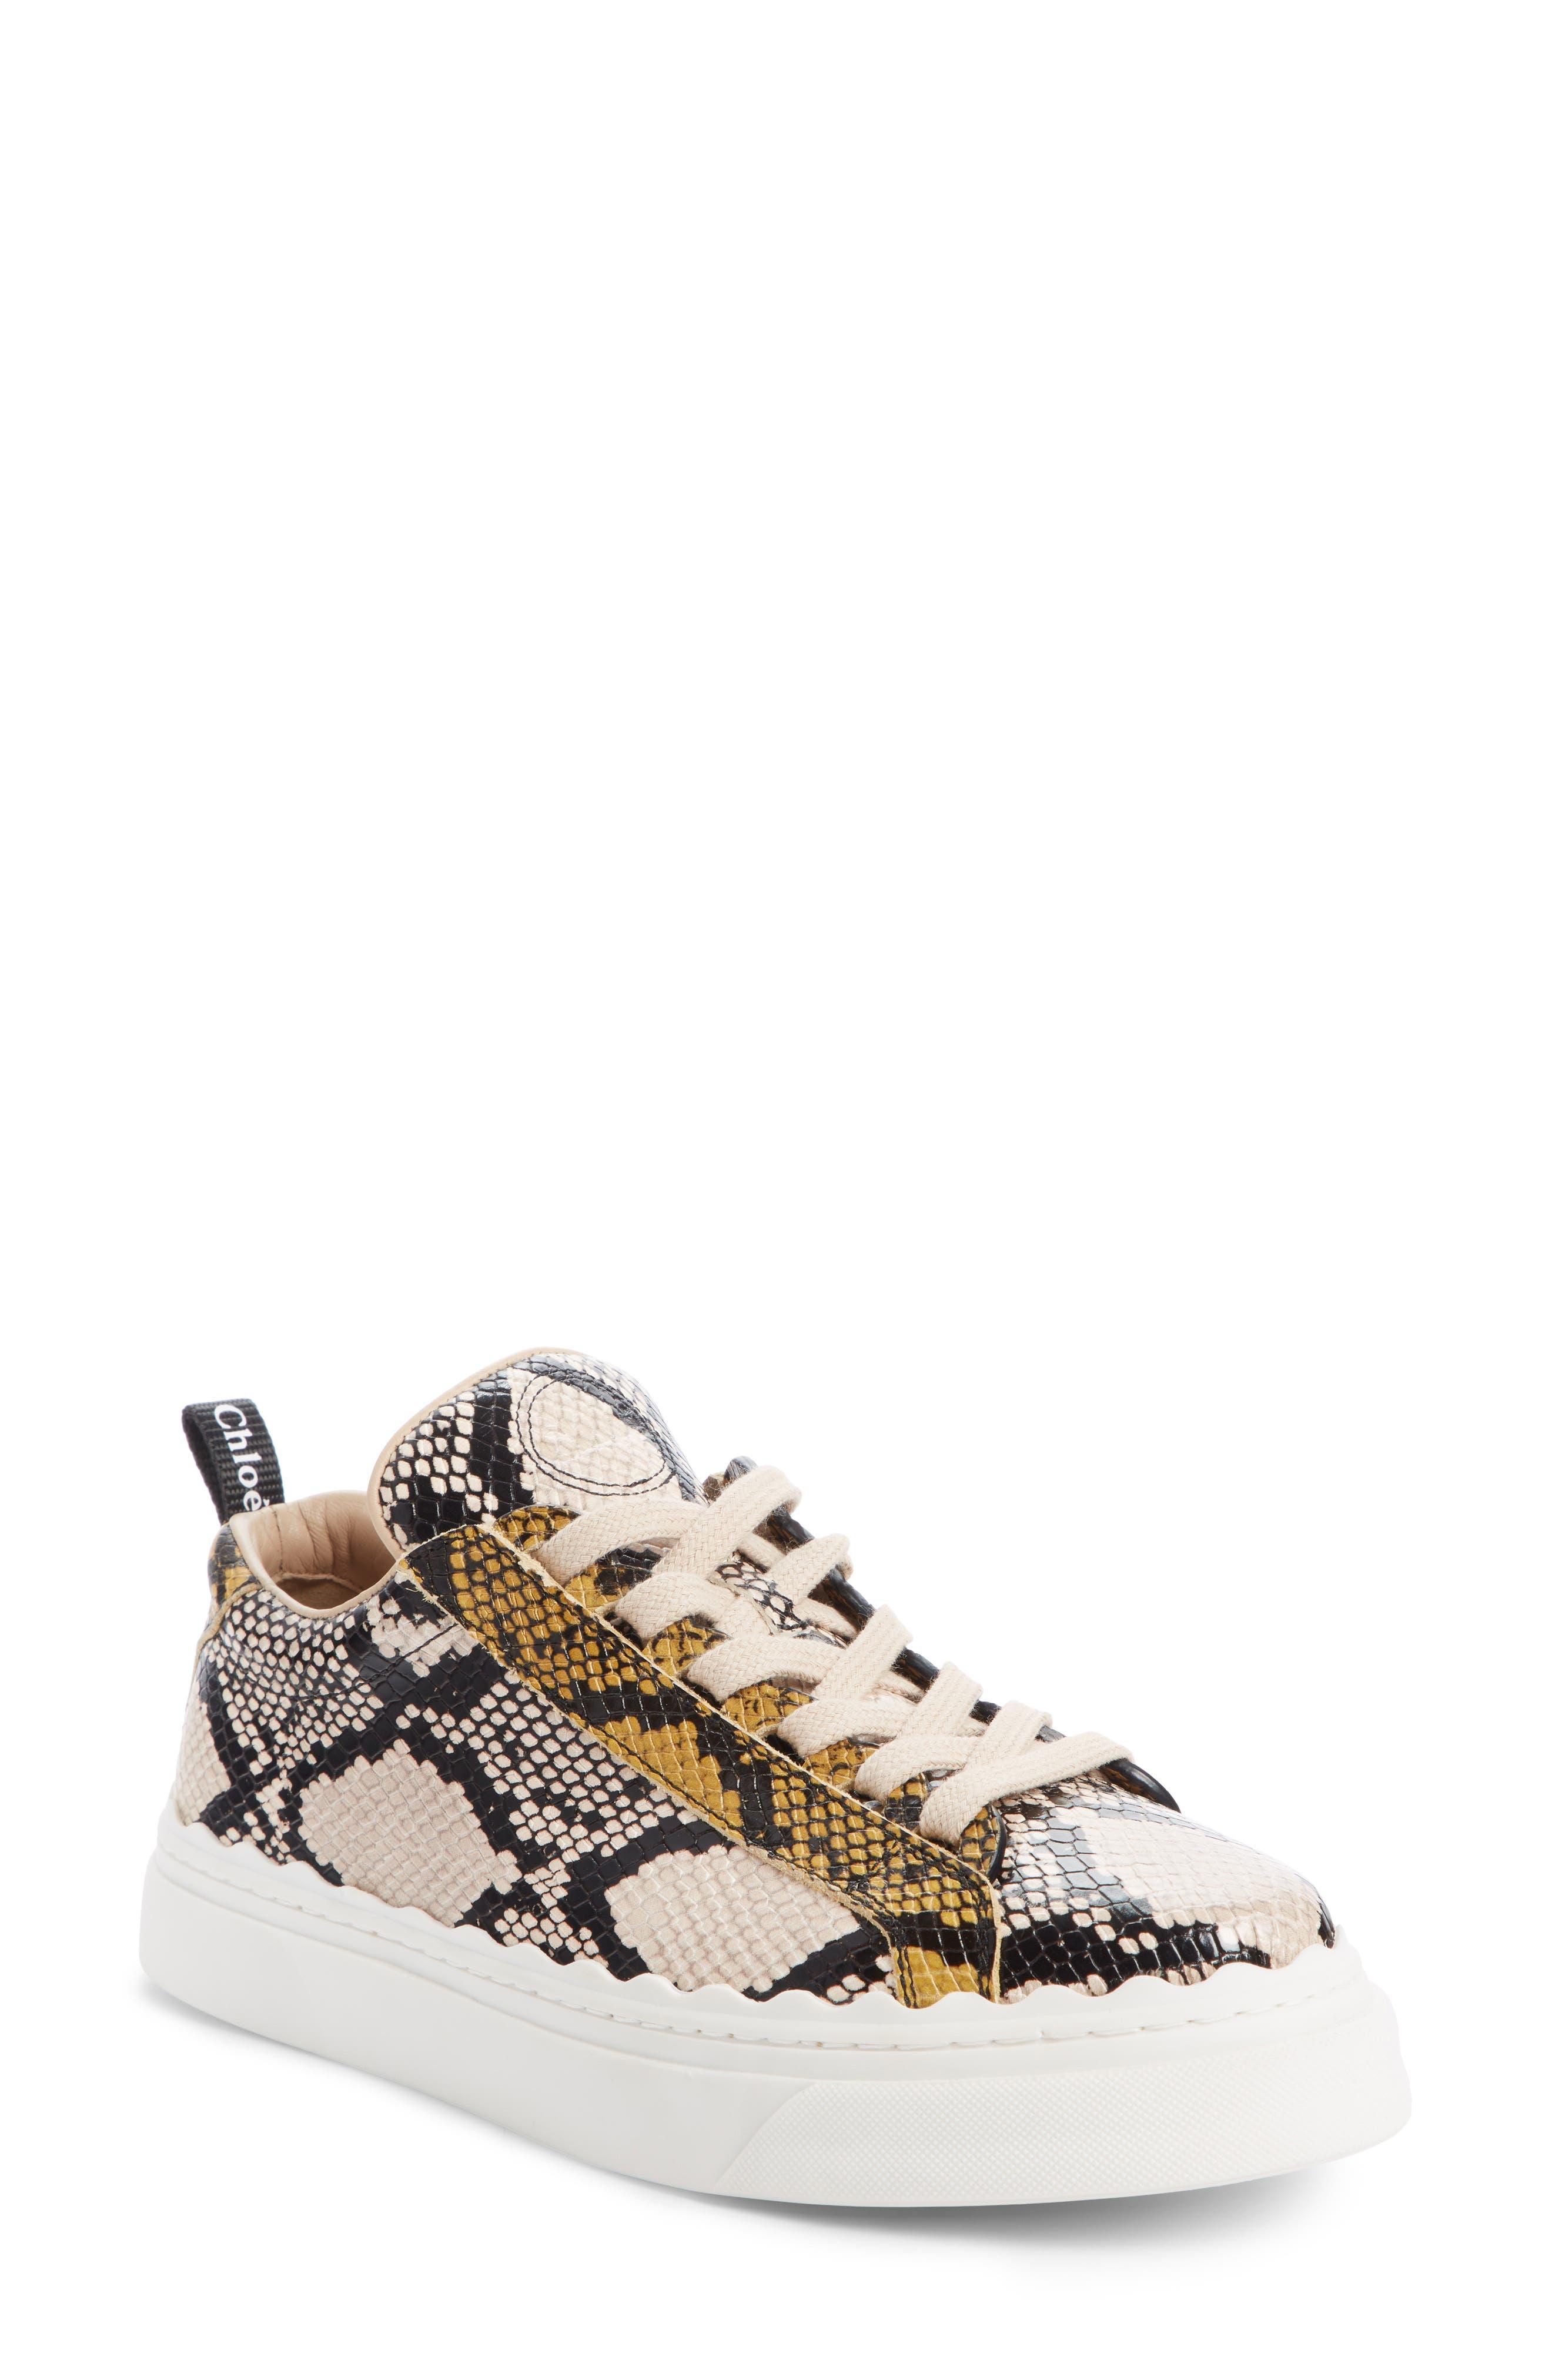 Lauren Sneaker by ChloÉ